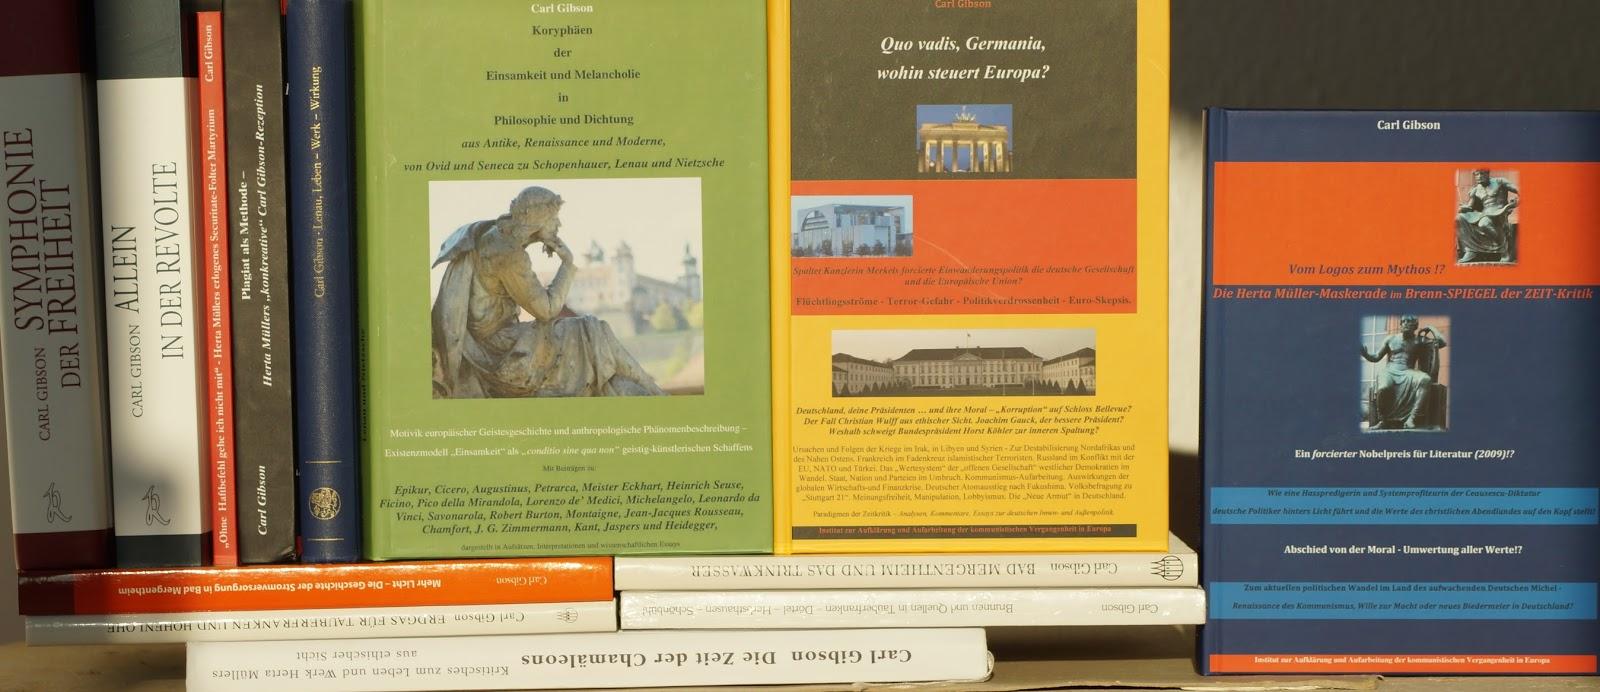 Carl Gibsons Blog für Literatur, Geschichte, Politik und Zeitkritik ...